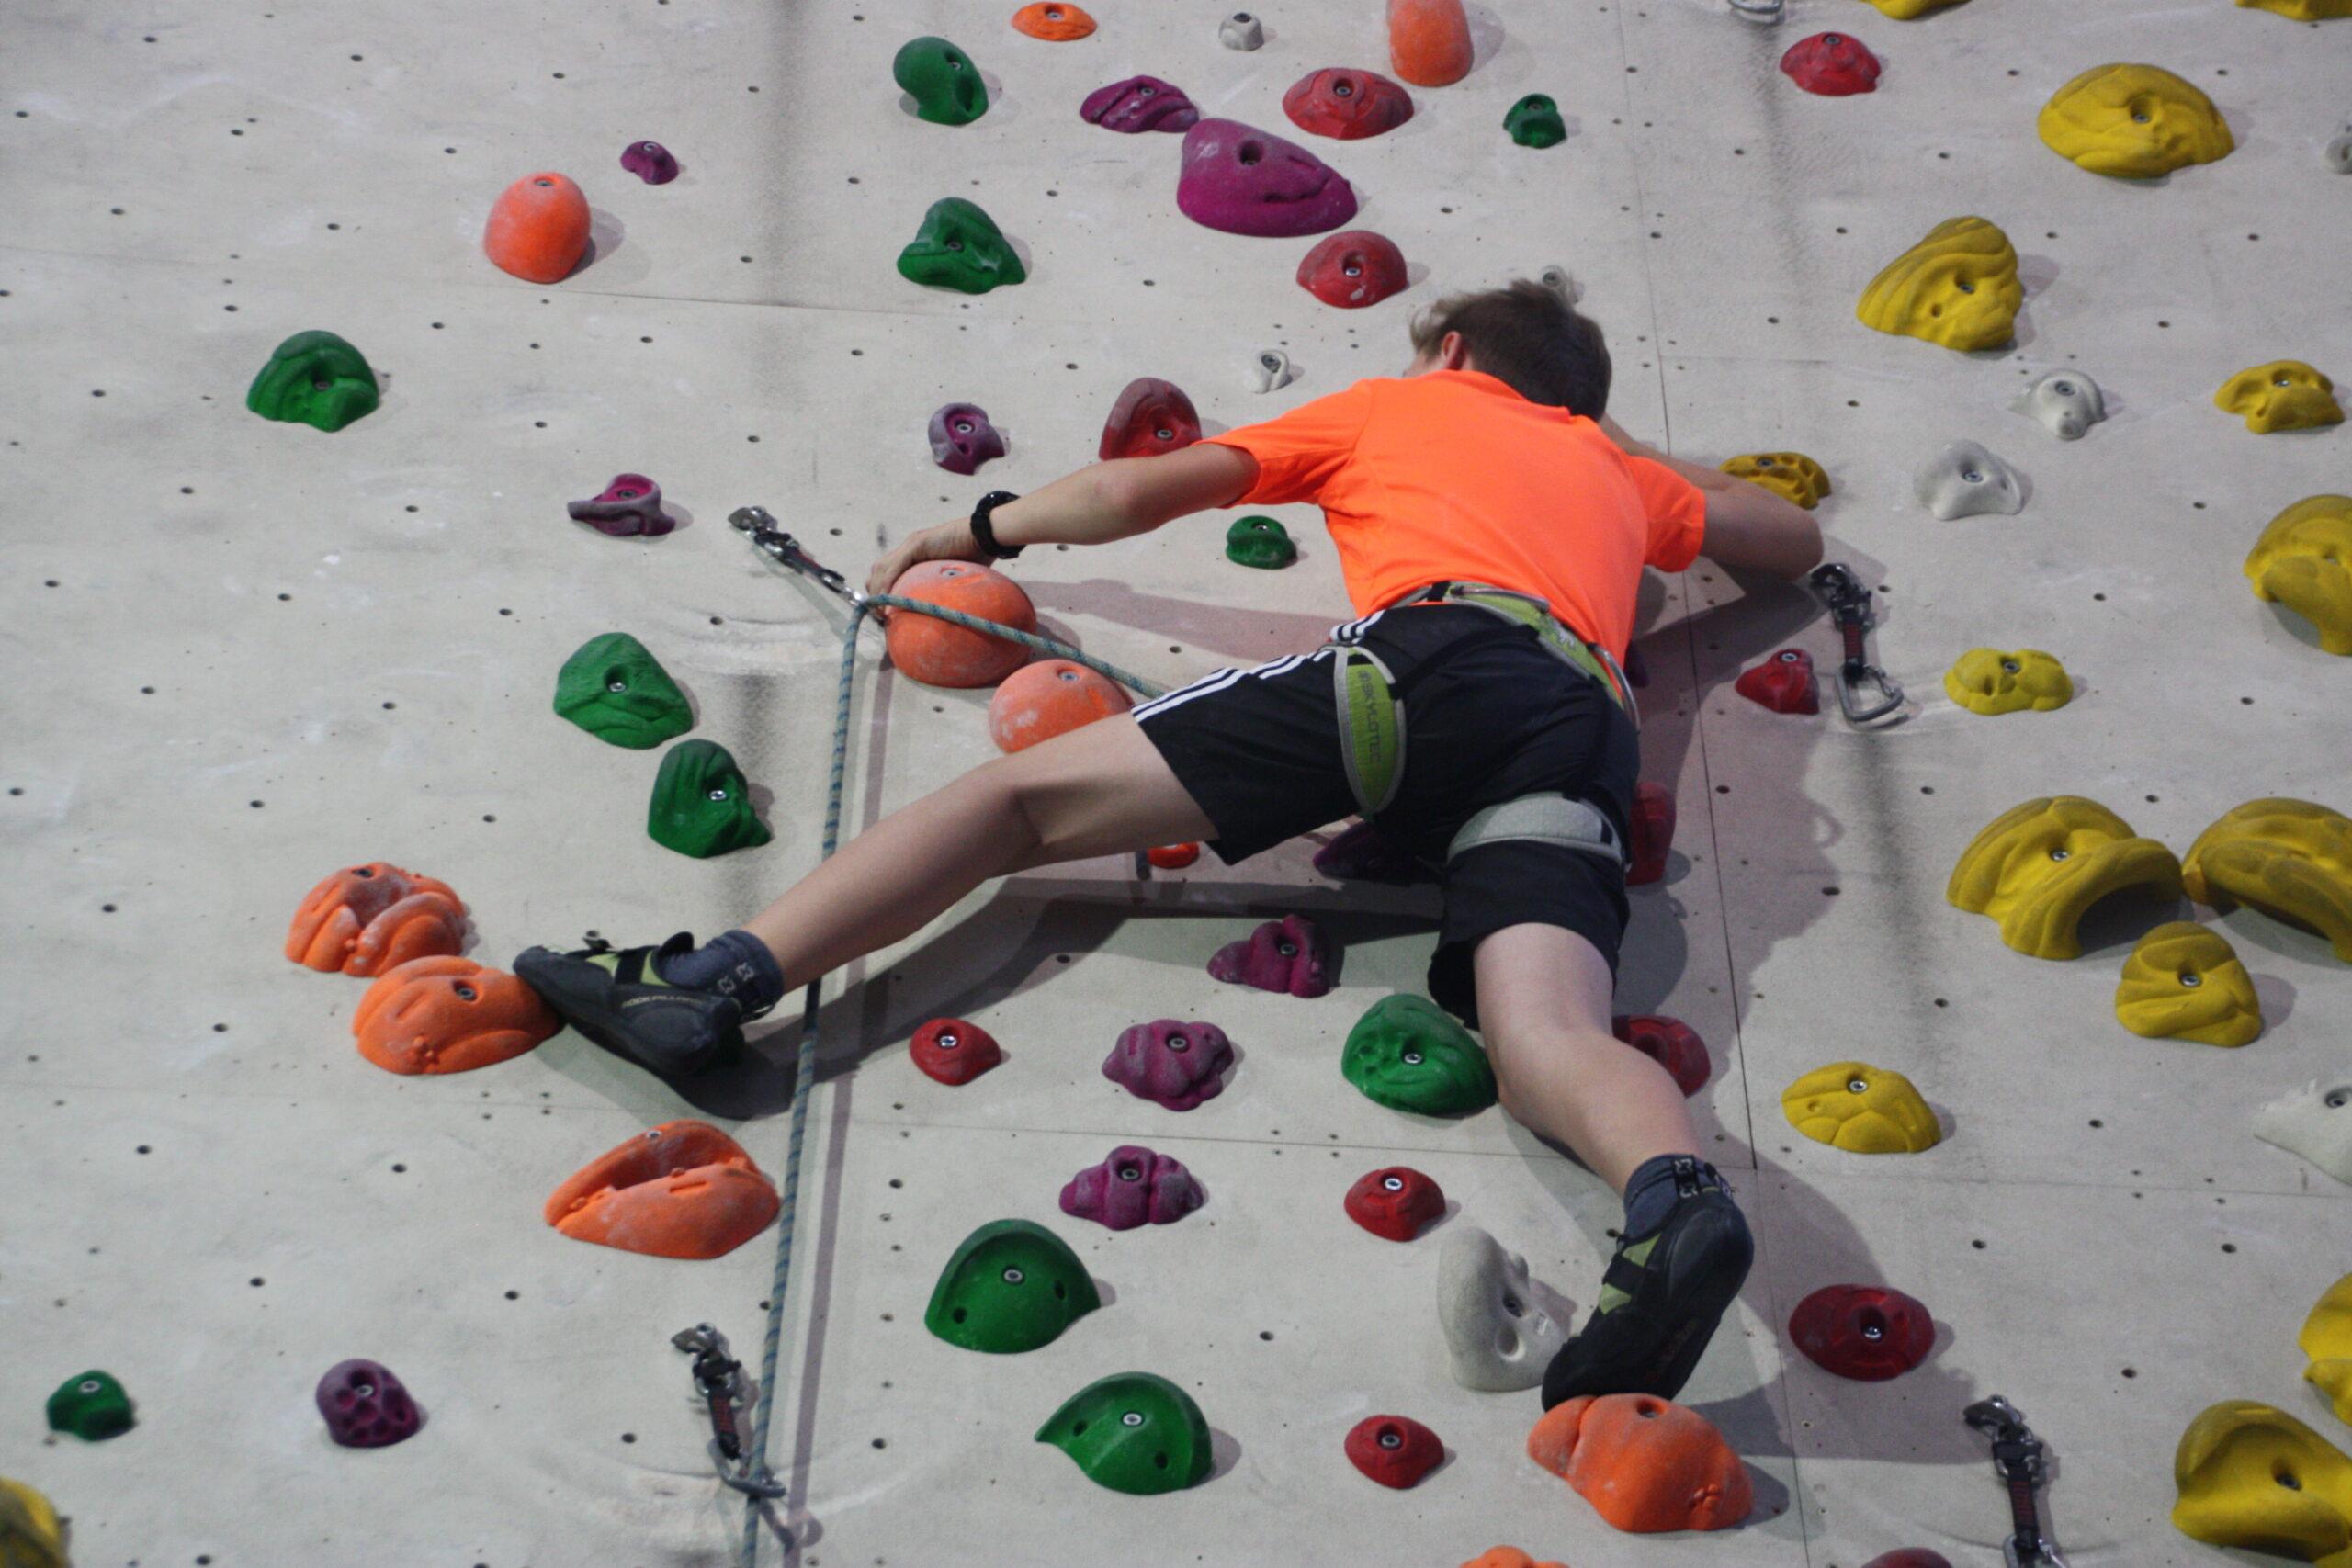 Neuer Kletter-/Boulderkurs für Jugendliche